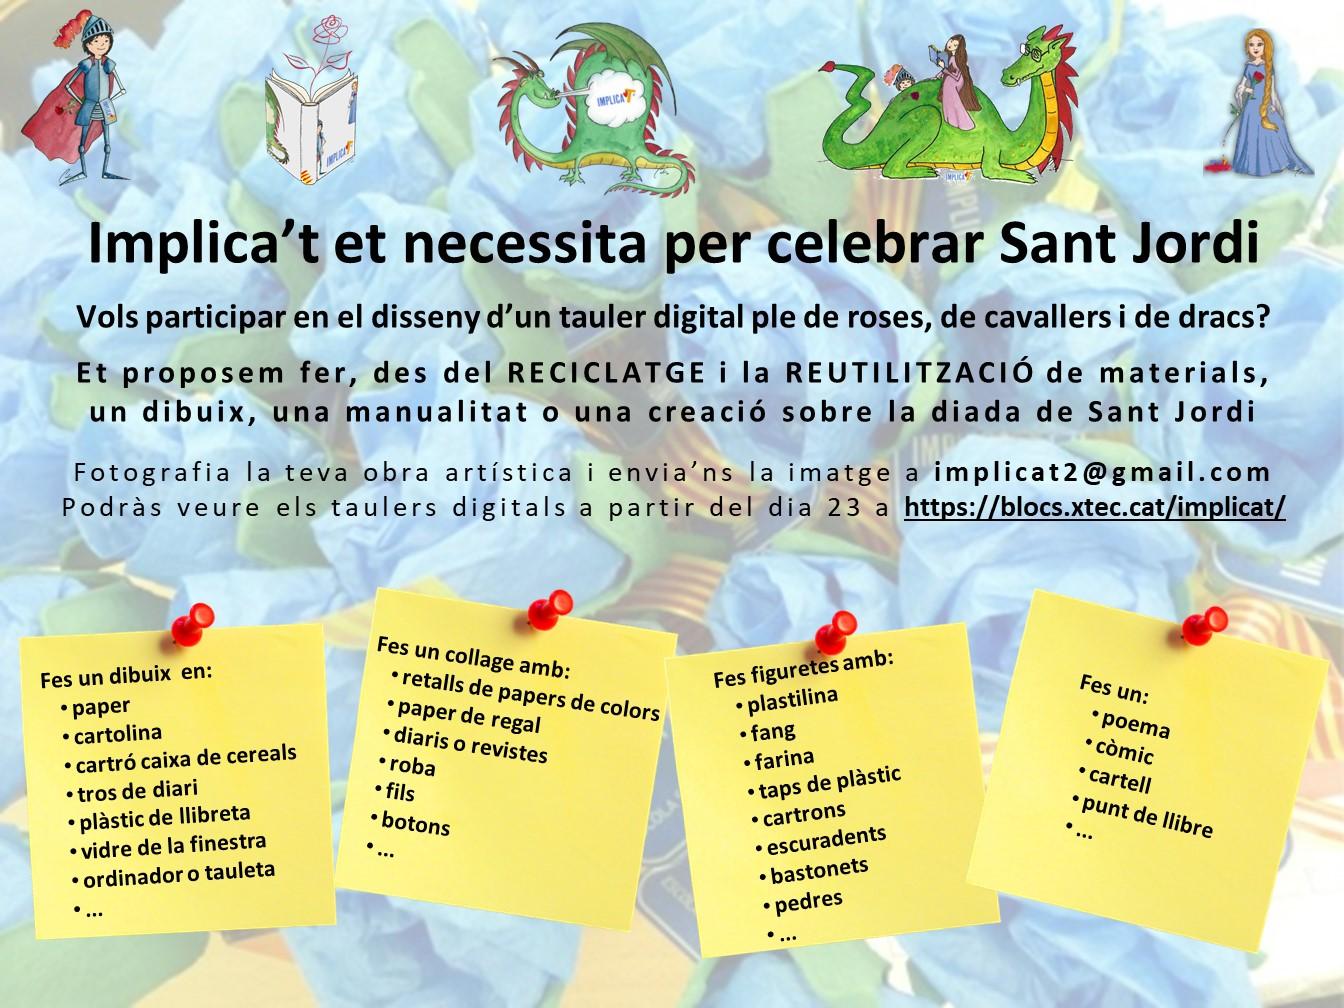 Implica't+ et necessita per celebrar Sant Jordi